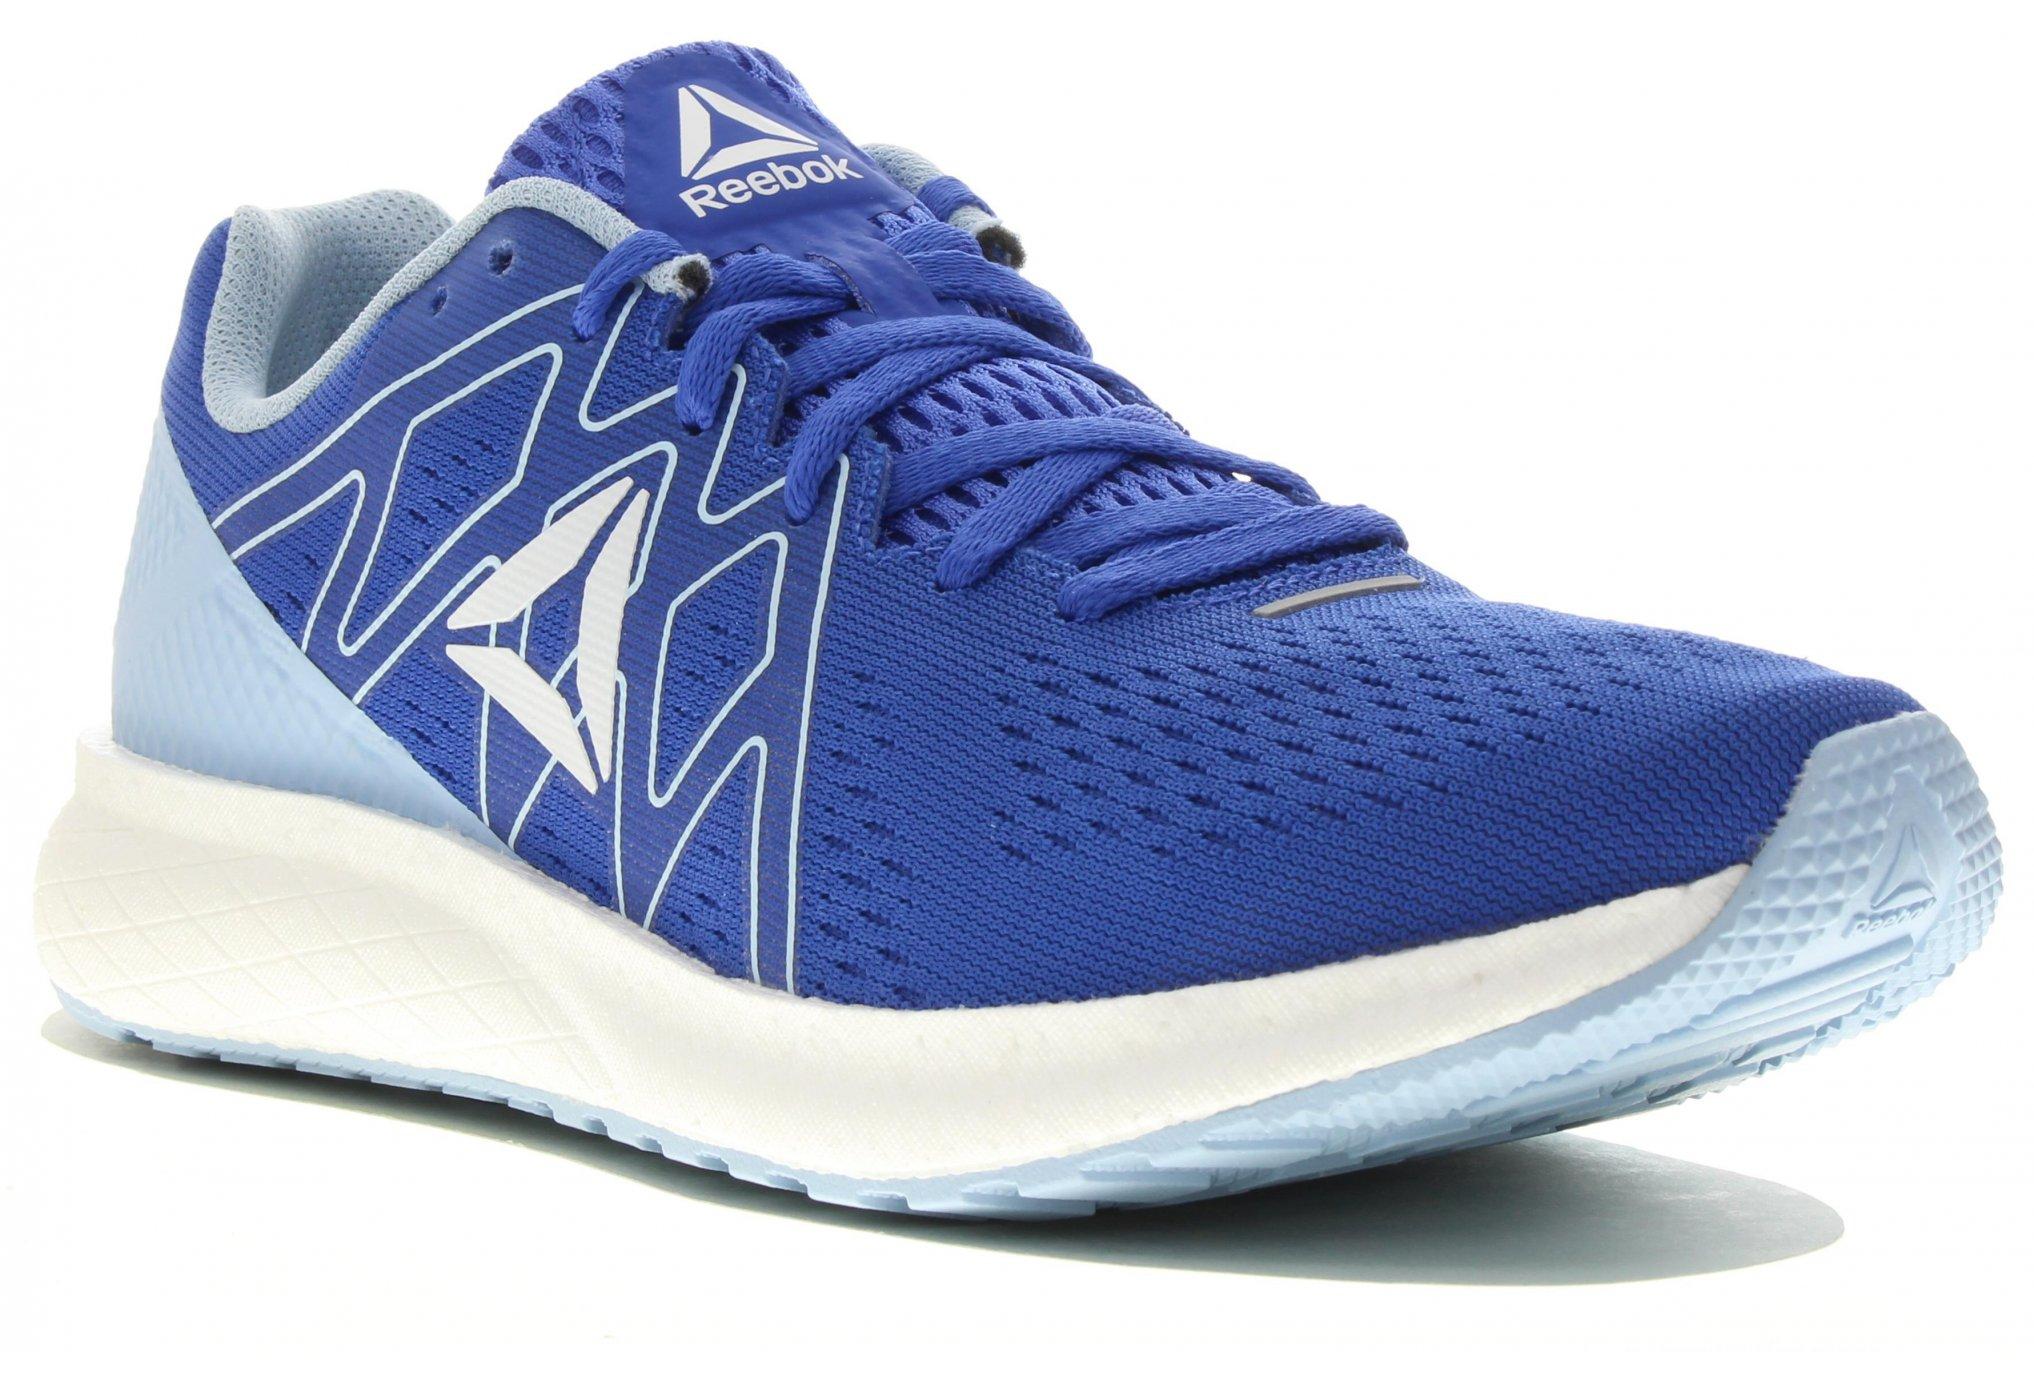 Reebok Forever Floatride Energy Chaussures running femme